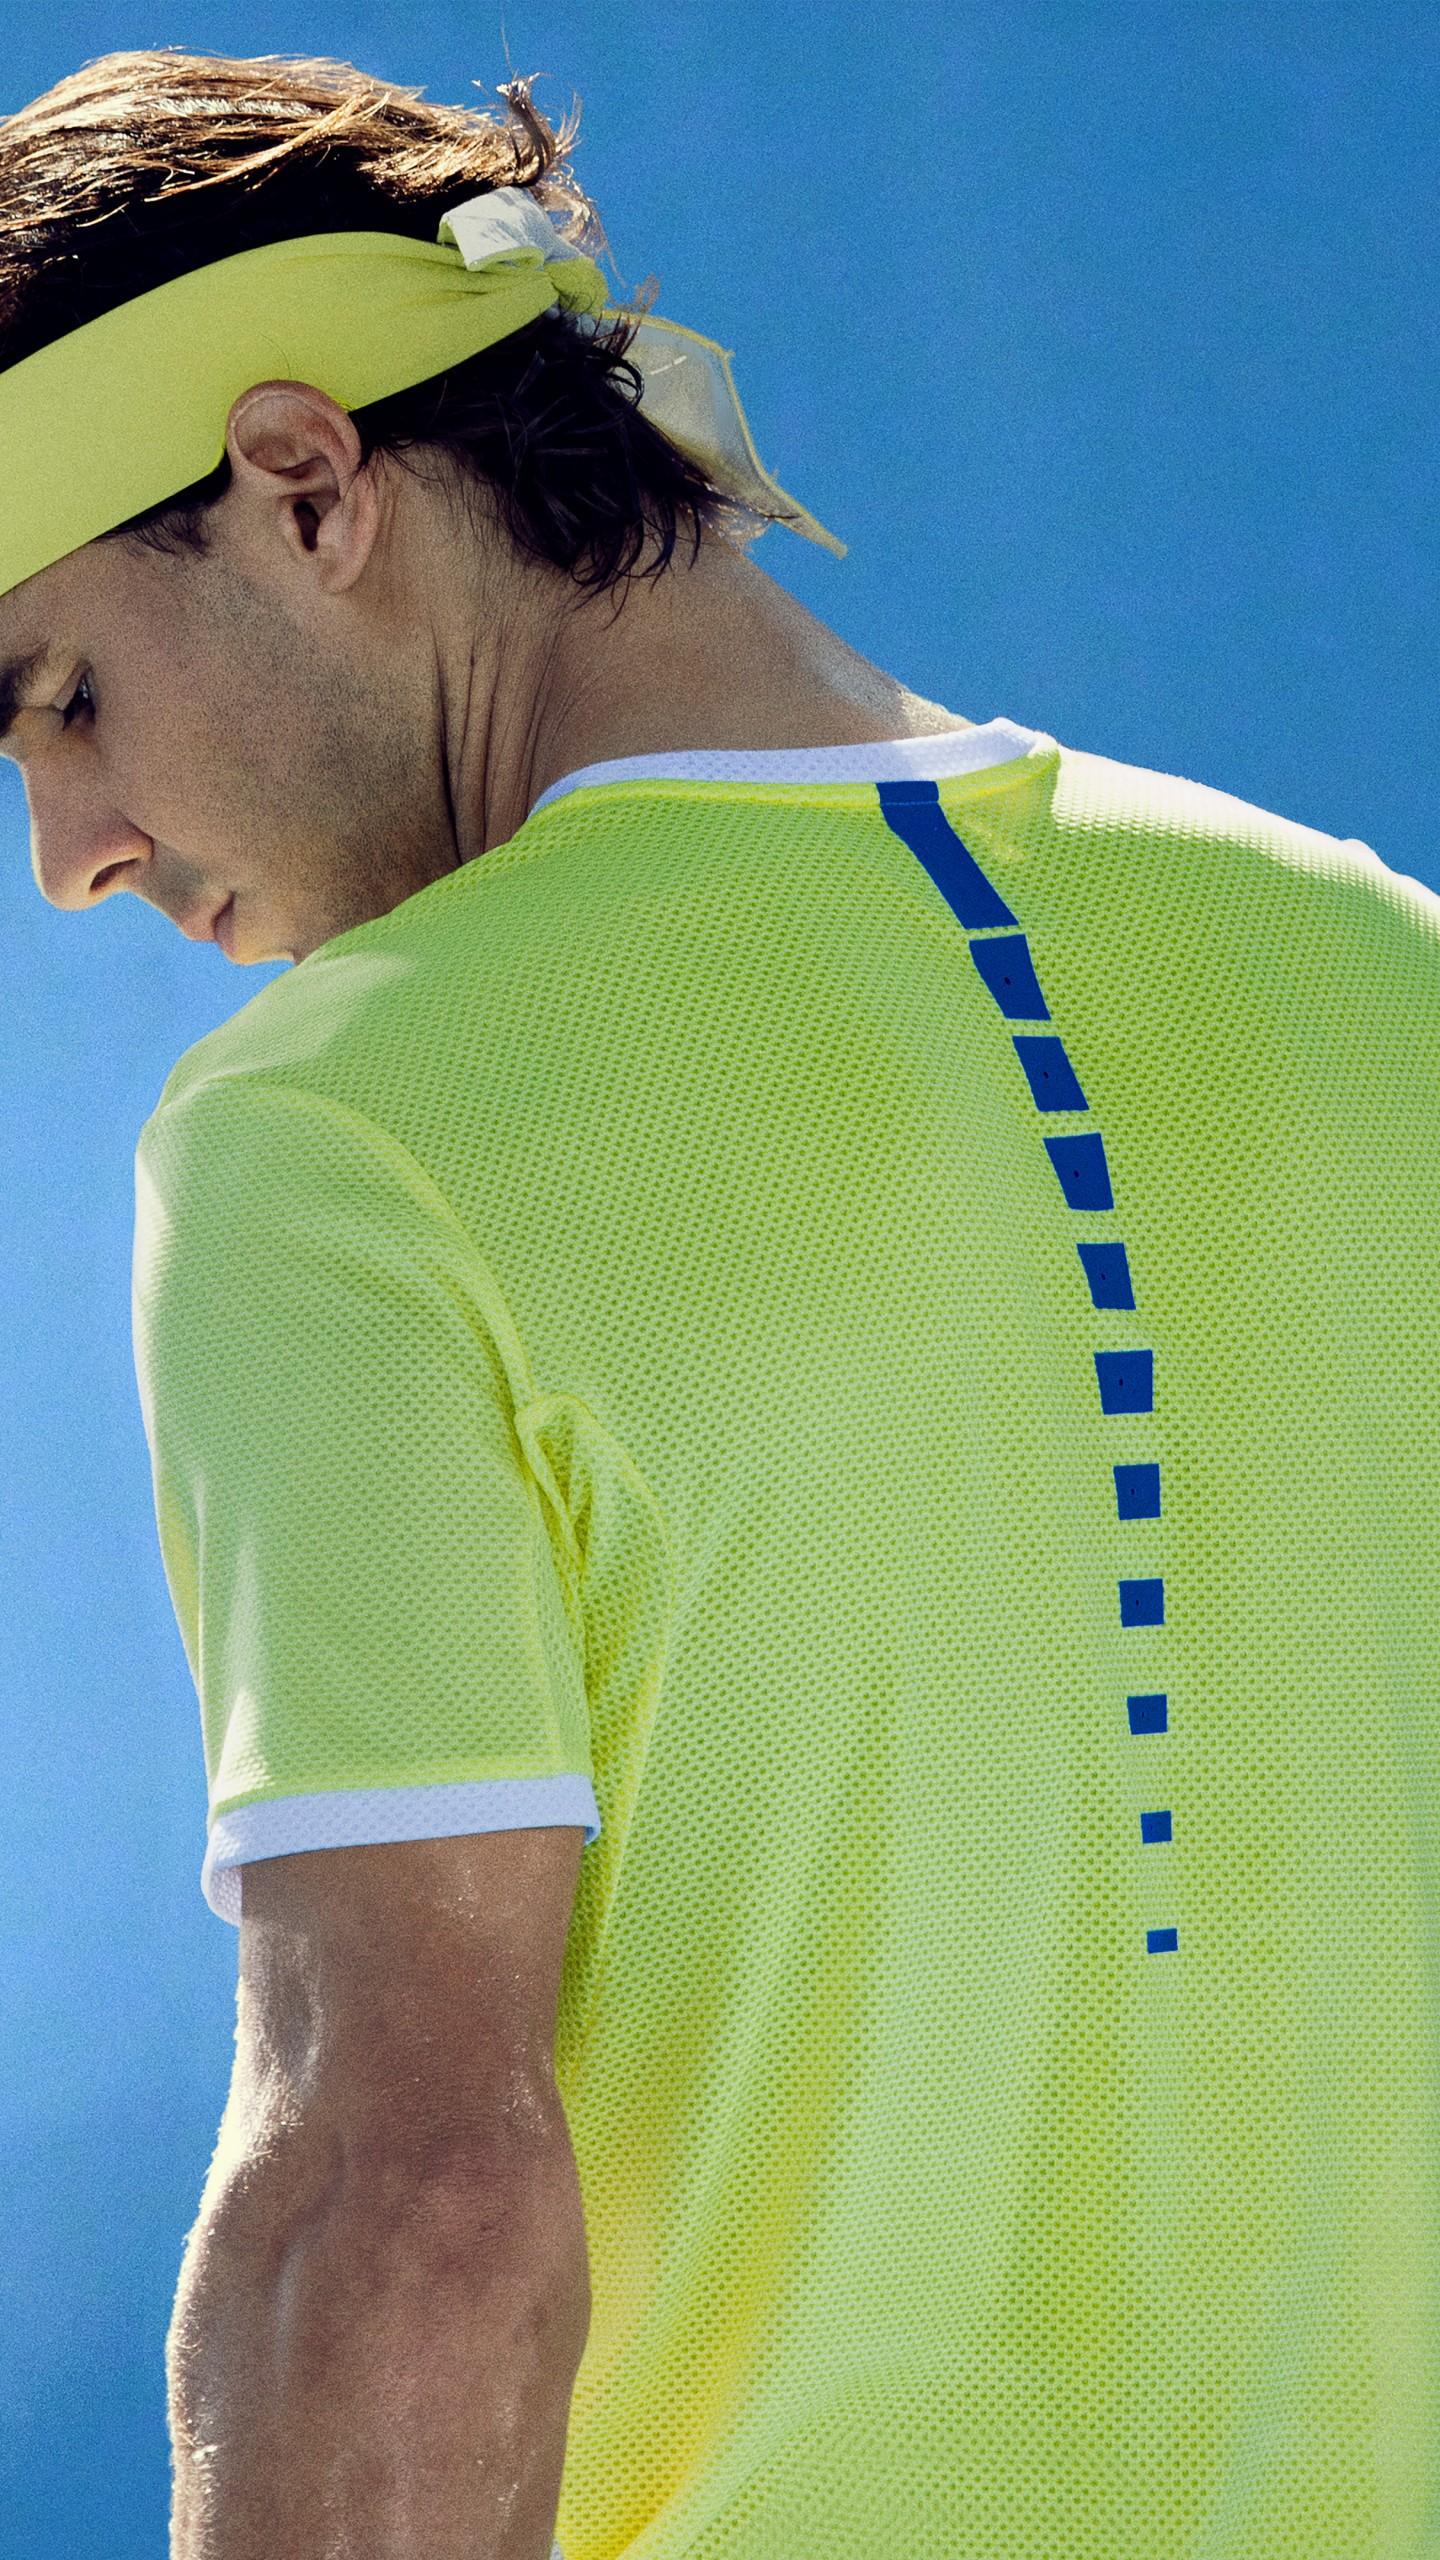 عکس زمینه رافائل نادال بازیکن تنیس اسپانیایی پس زمینه